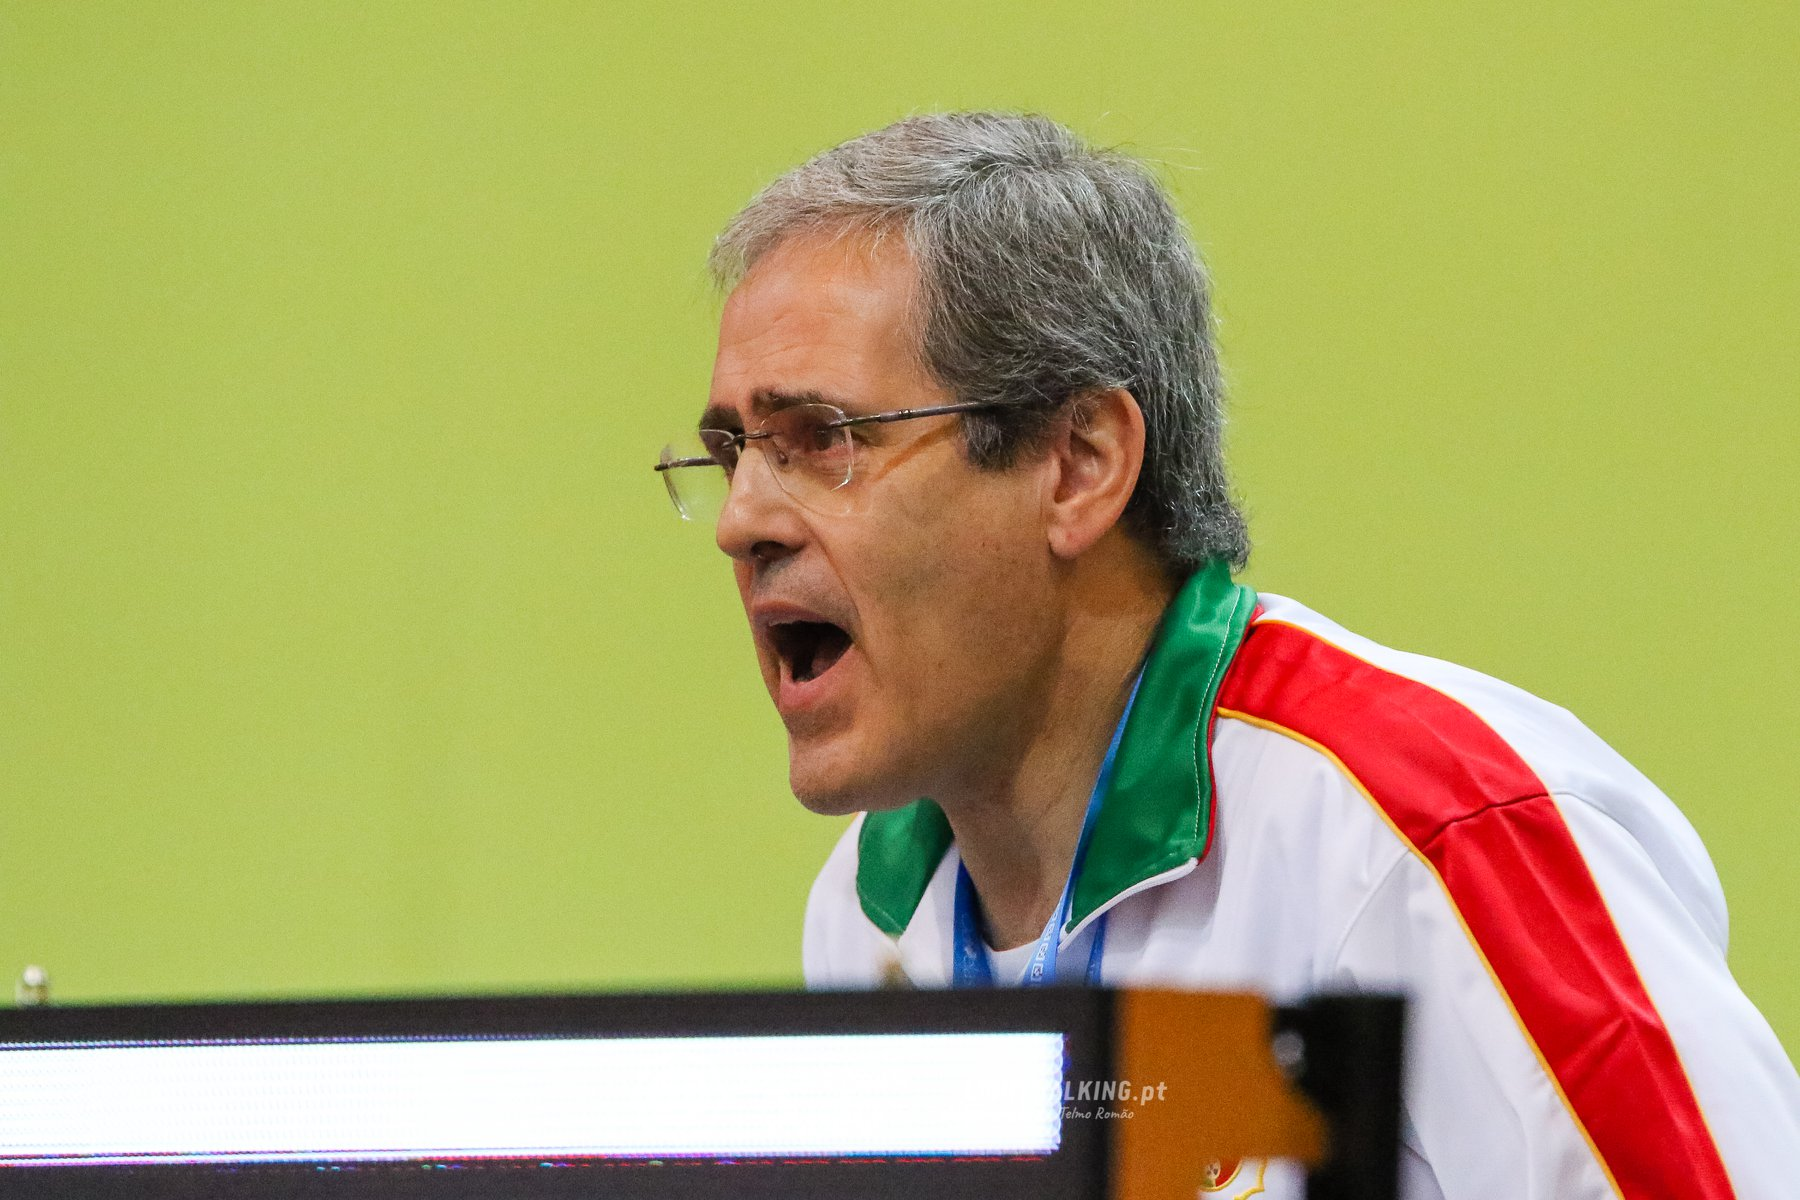 Campeonato do Mundo Paralímpico - Odivelas 2018 image 12